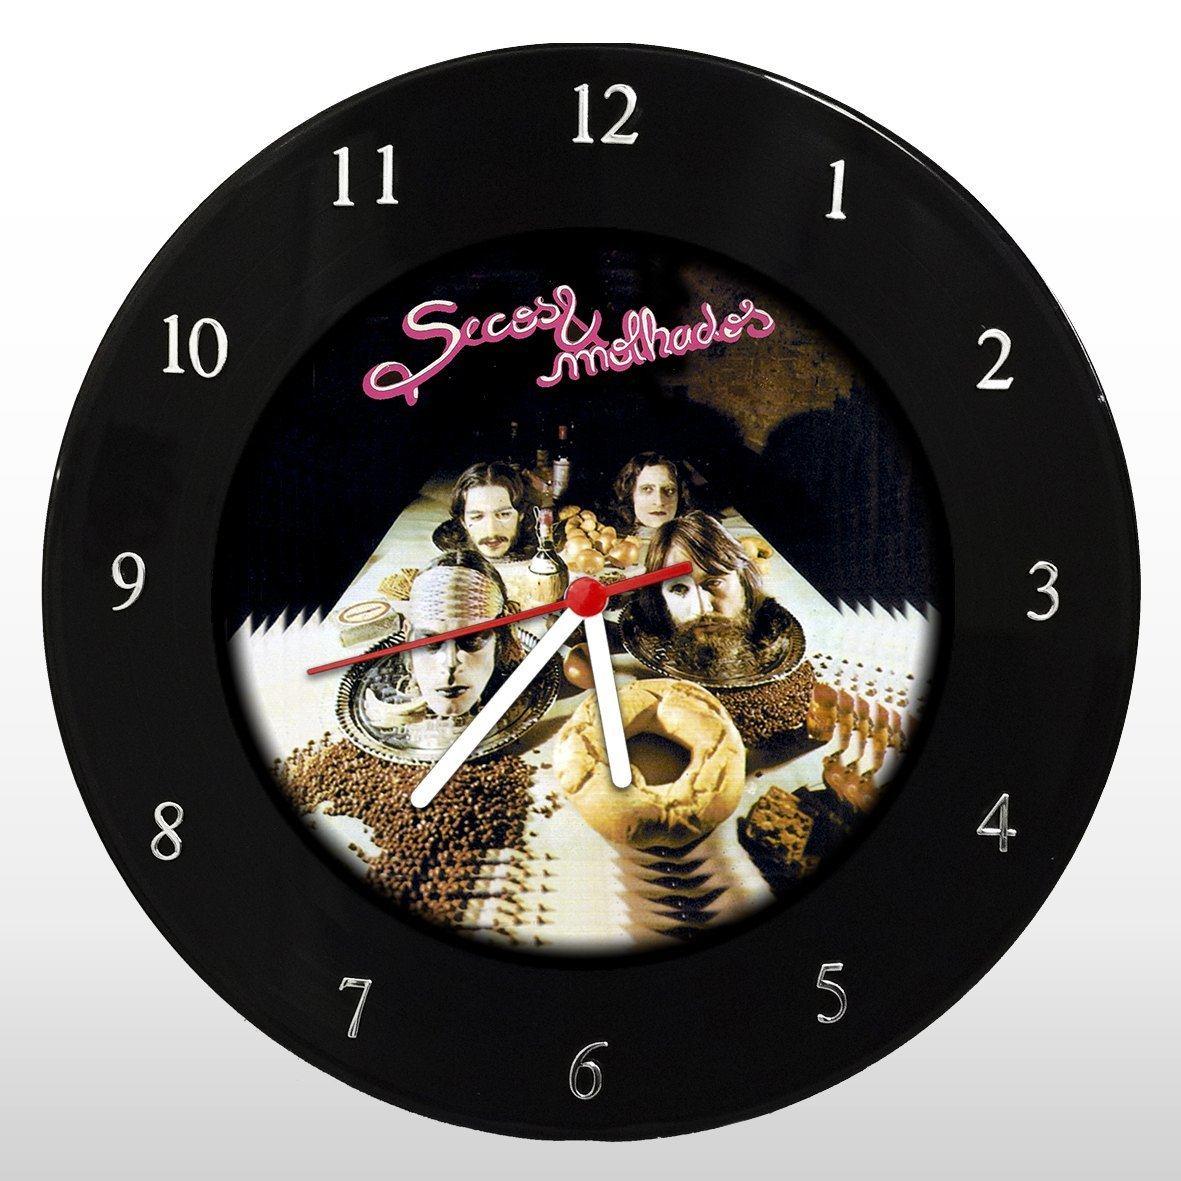 Secos e Molhados - Relógio de Parede em Disco de Vinil - Mr. Rock